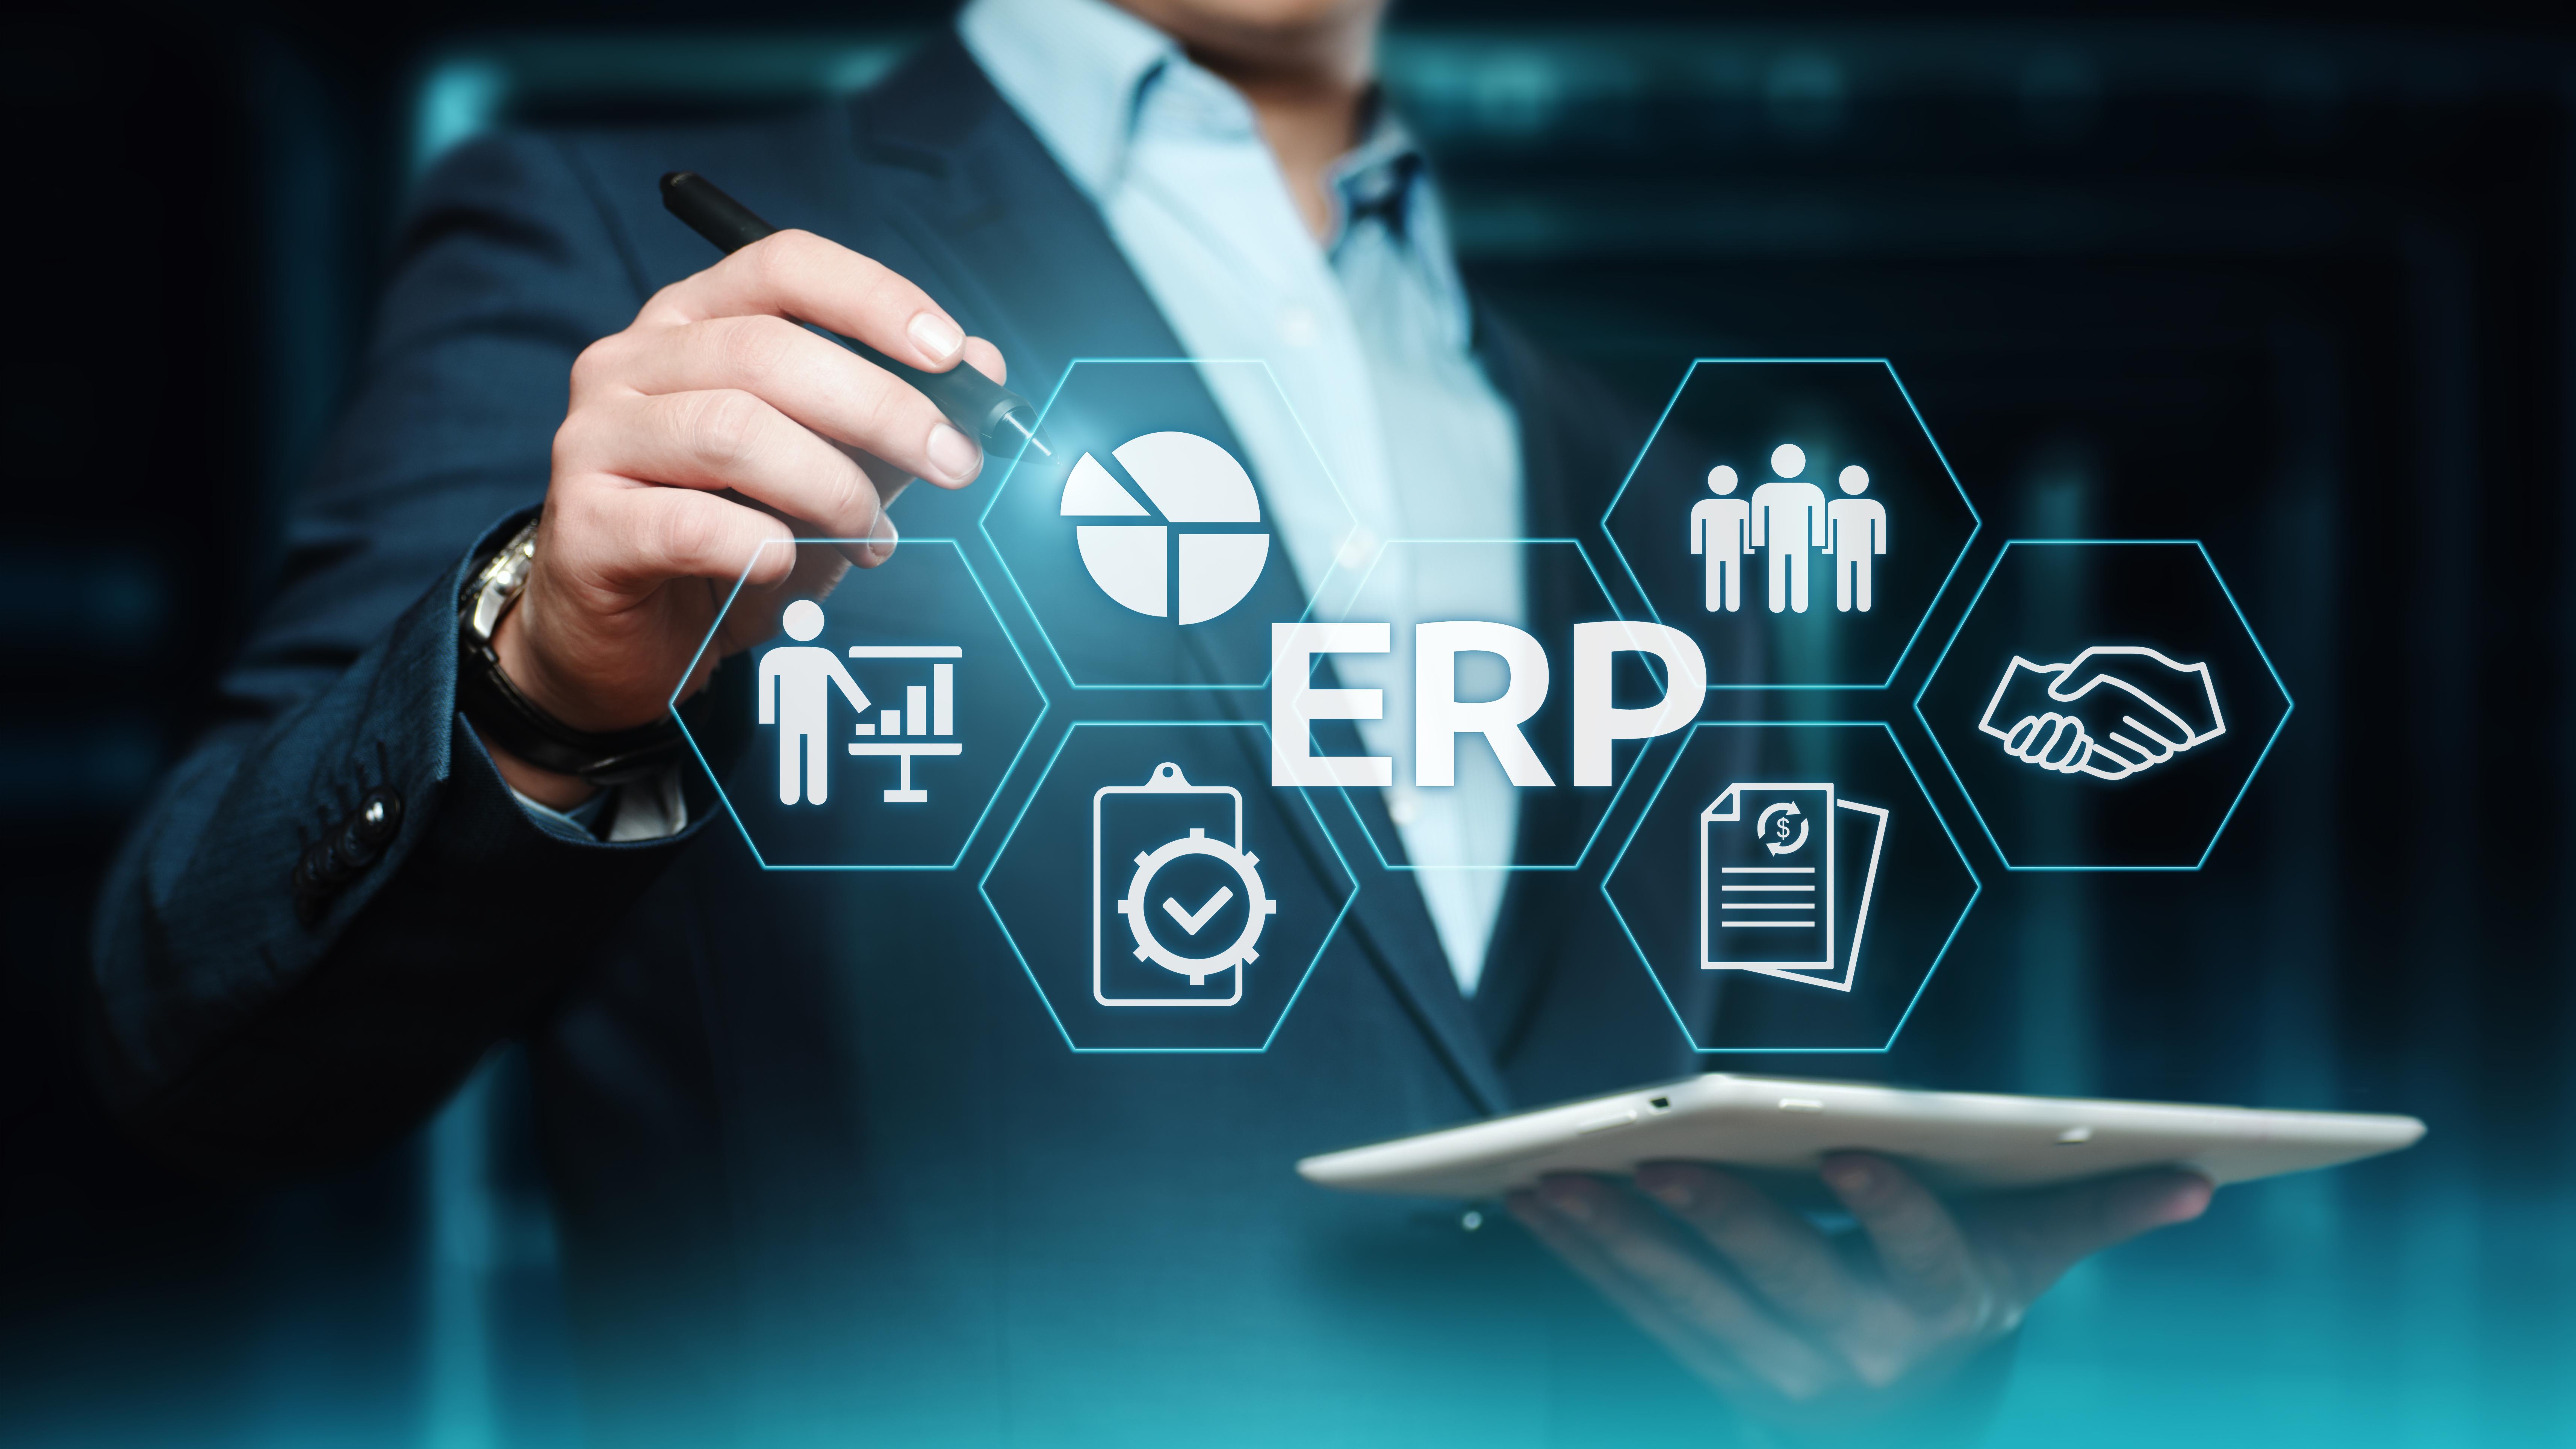 Perché le aziende del settore ortofrutticolo dovrebbero avere un ERP